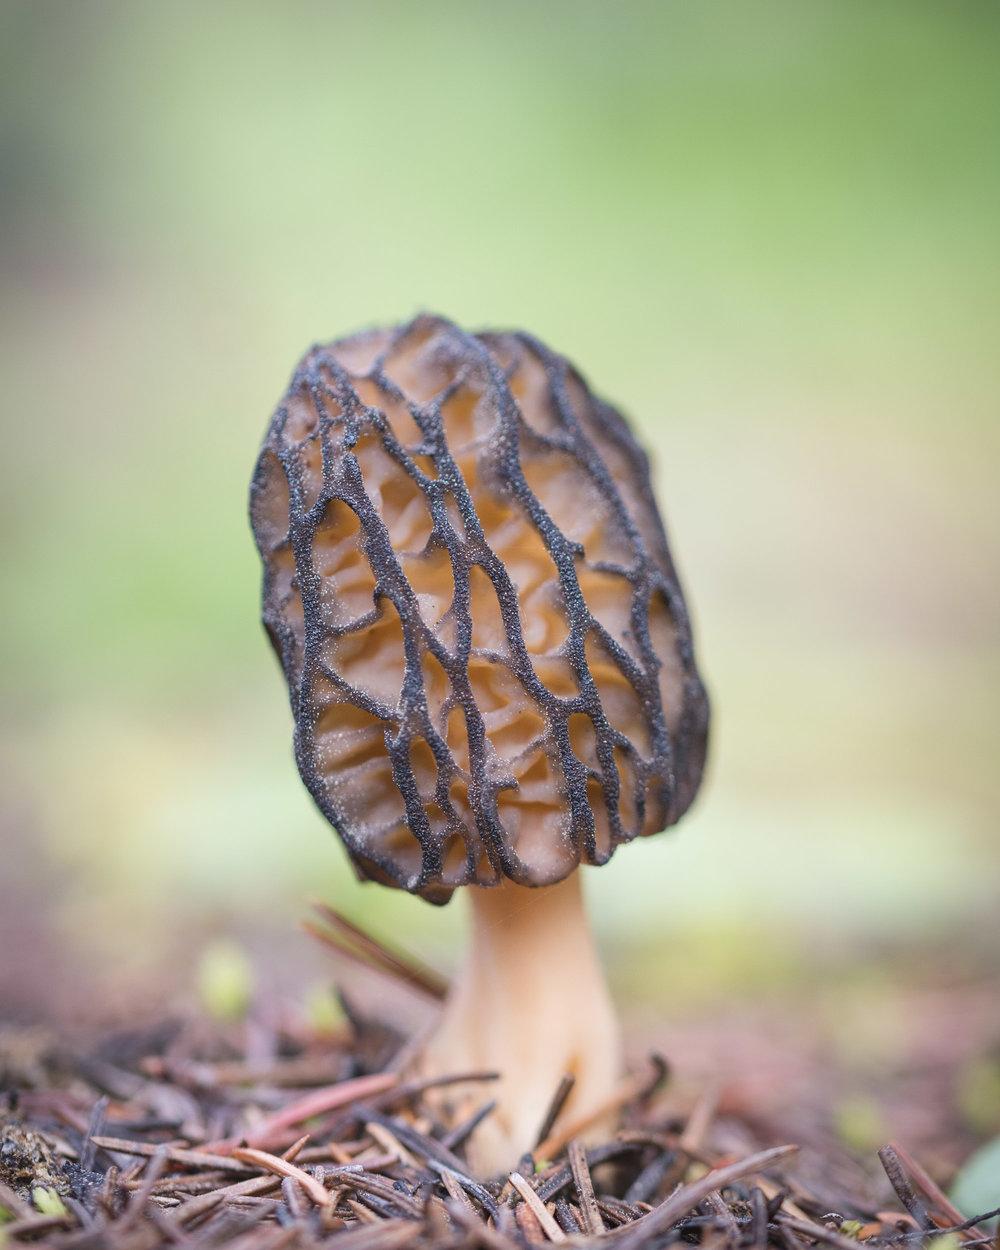 Fungi-14.jpg